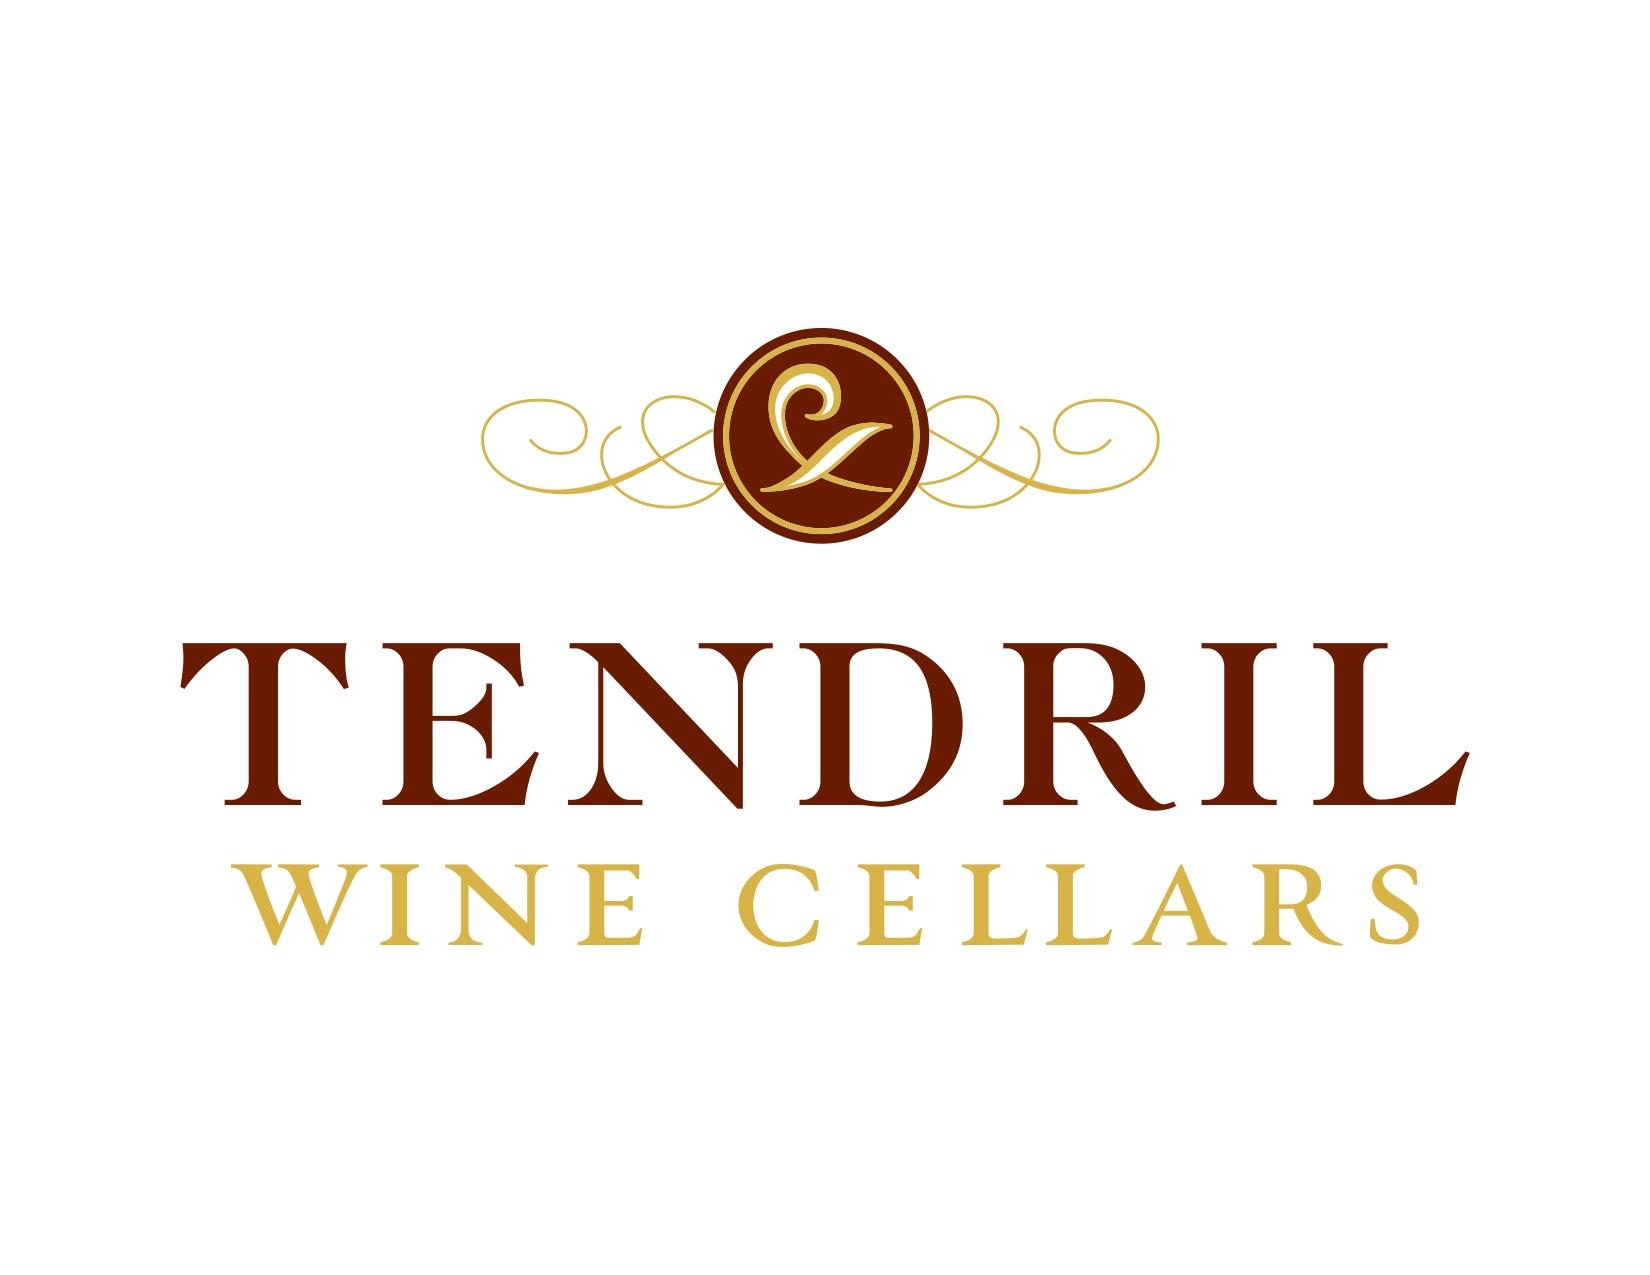 tendril wine logo pdf.jpg